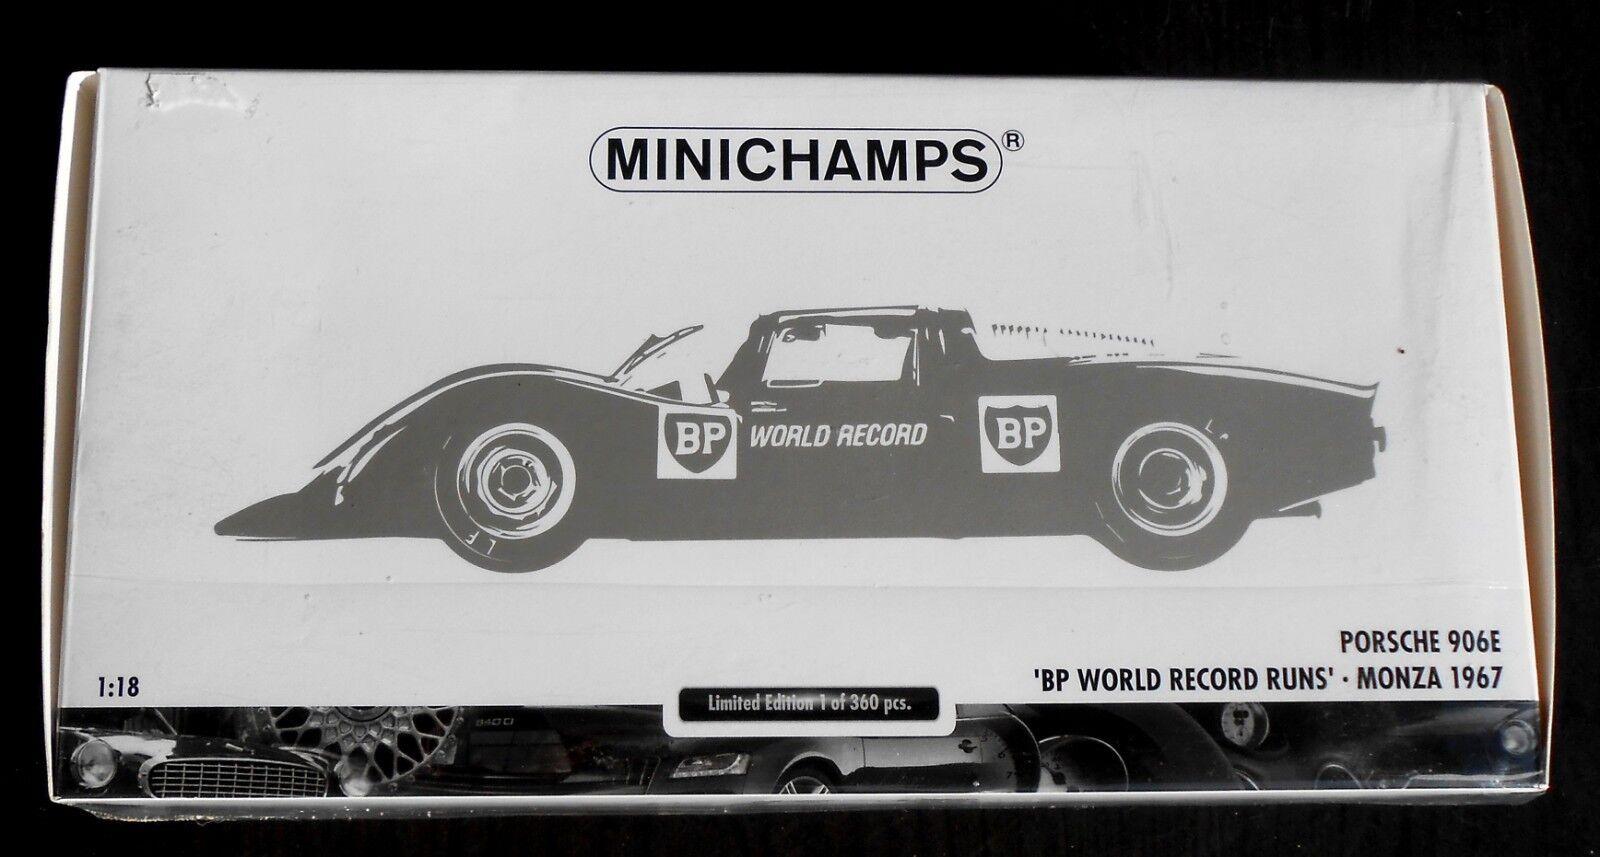 Minichamps 100 676100 Porsche 906E - BP World Record Run - Monza 1967, 1 18, mb